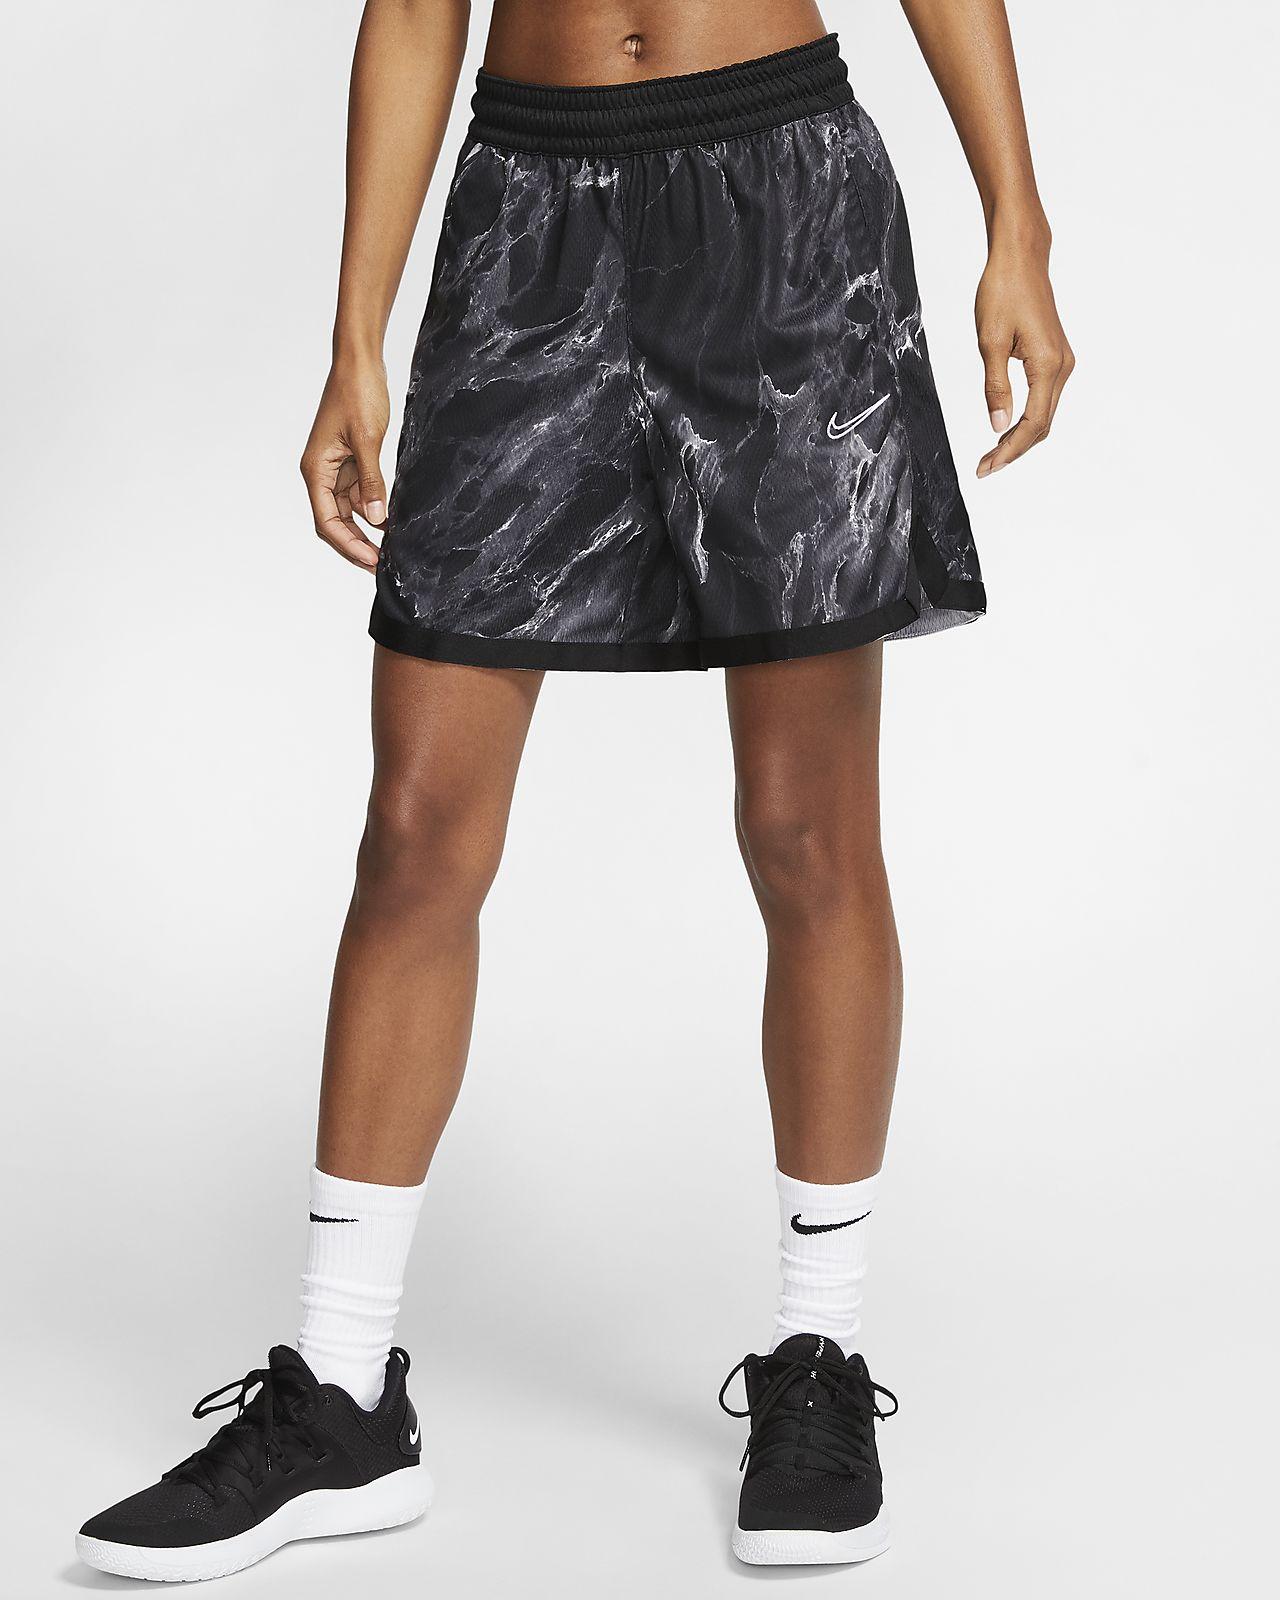 Short de basketball Nike Dri-FIT pour Femme